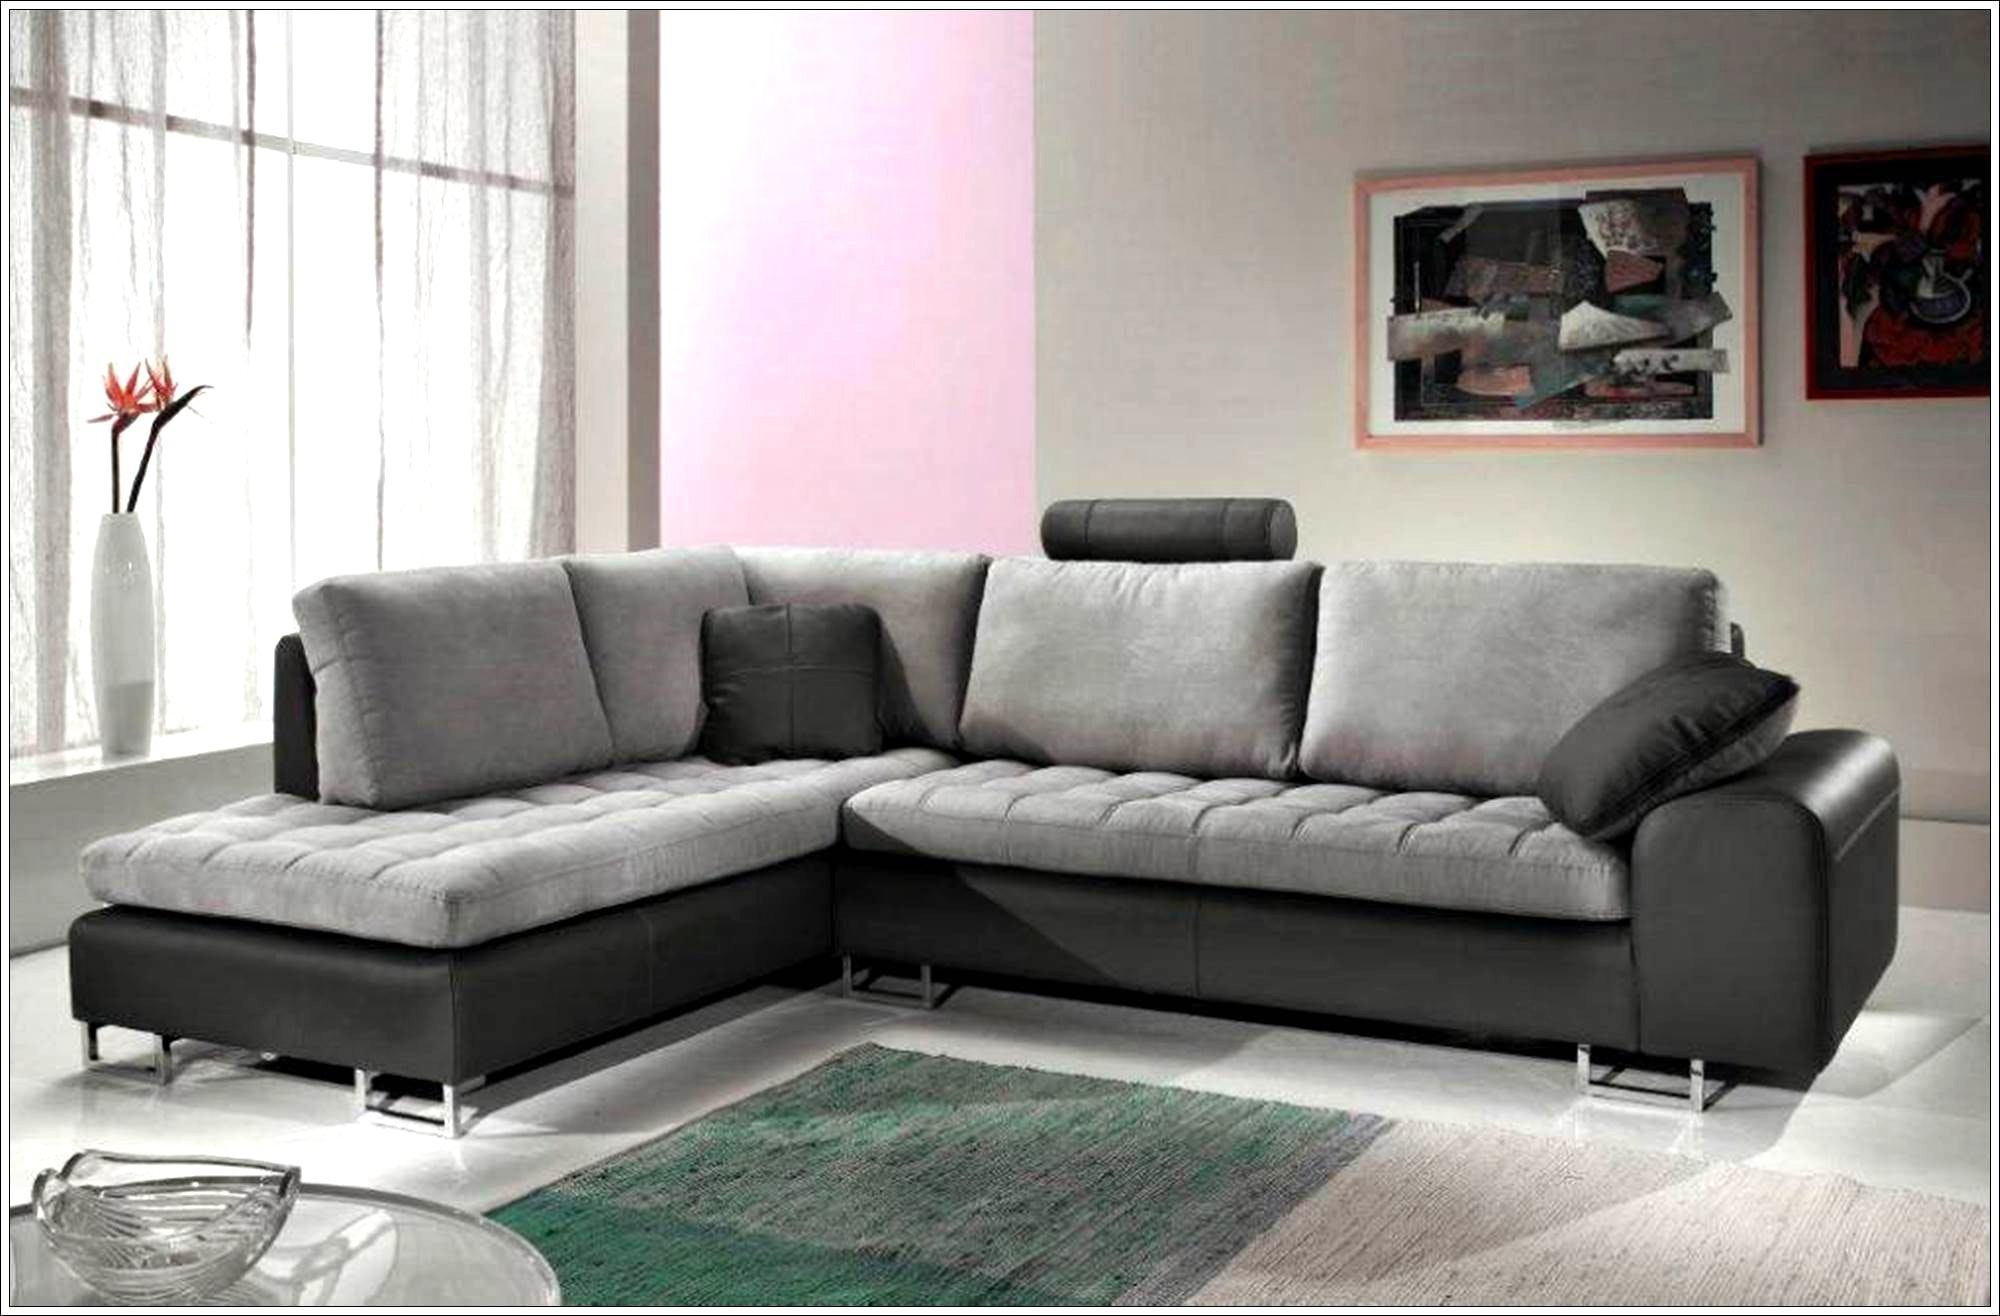 Canapé Microfibre Conforama Beau Photos Incroyable Canapé Gris Design Décor  La Maison Et Intérieur